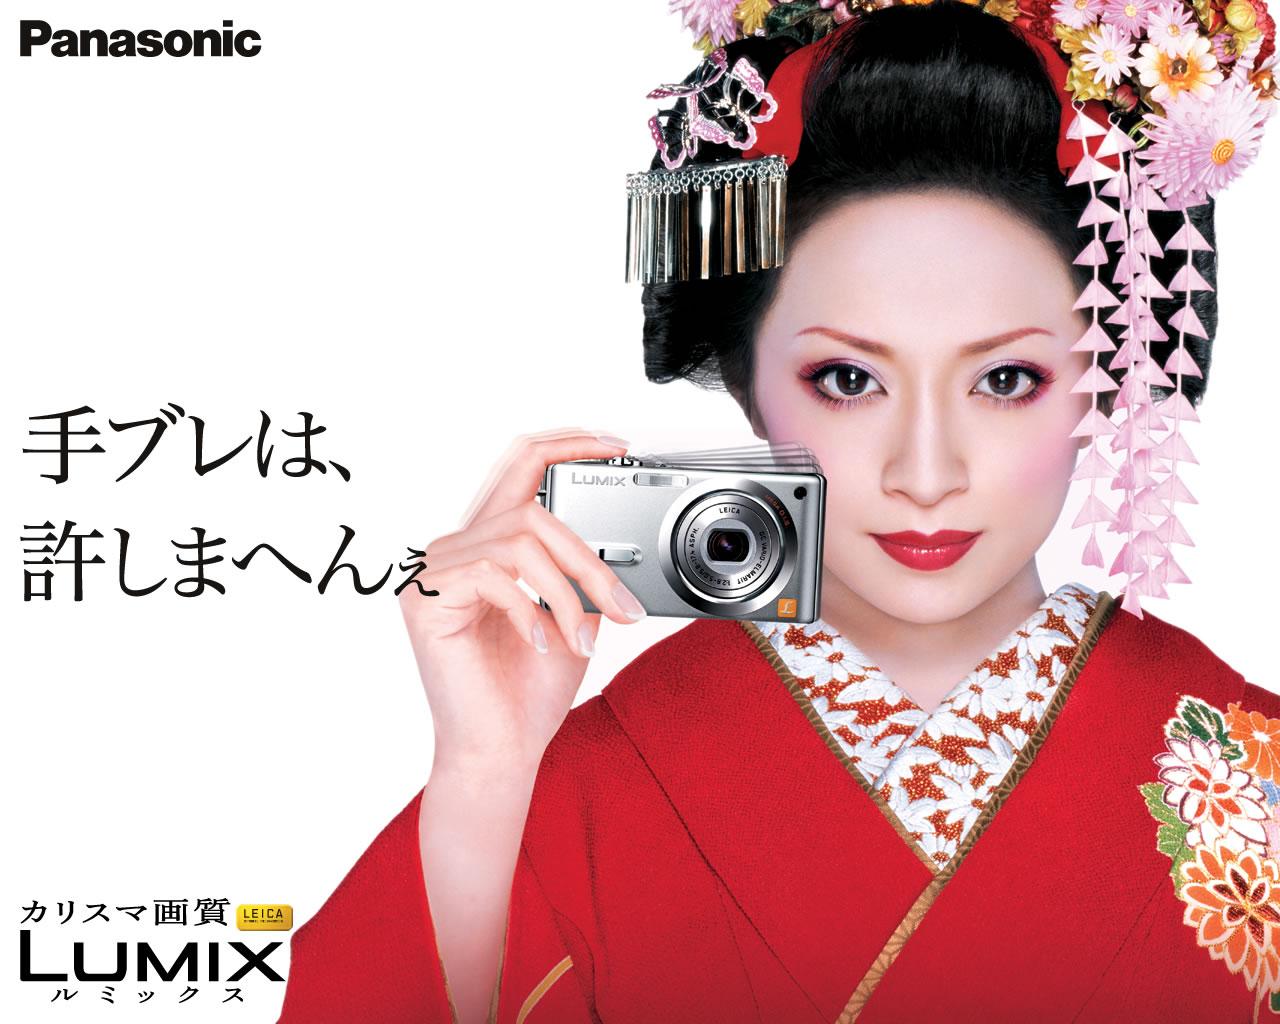 1280×1024 「Panasonic」